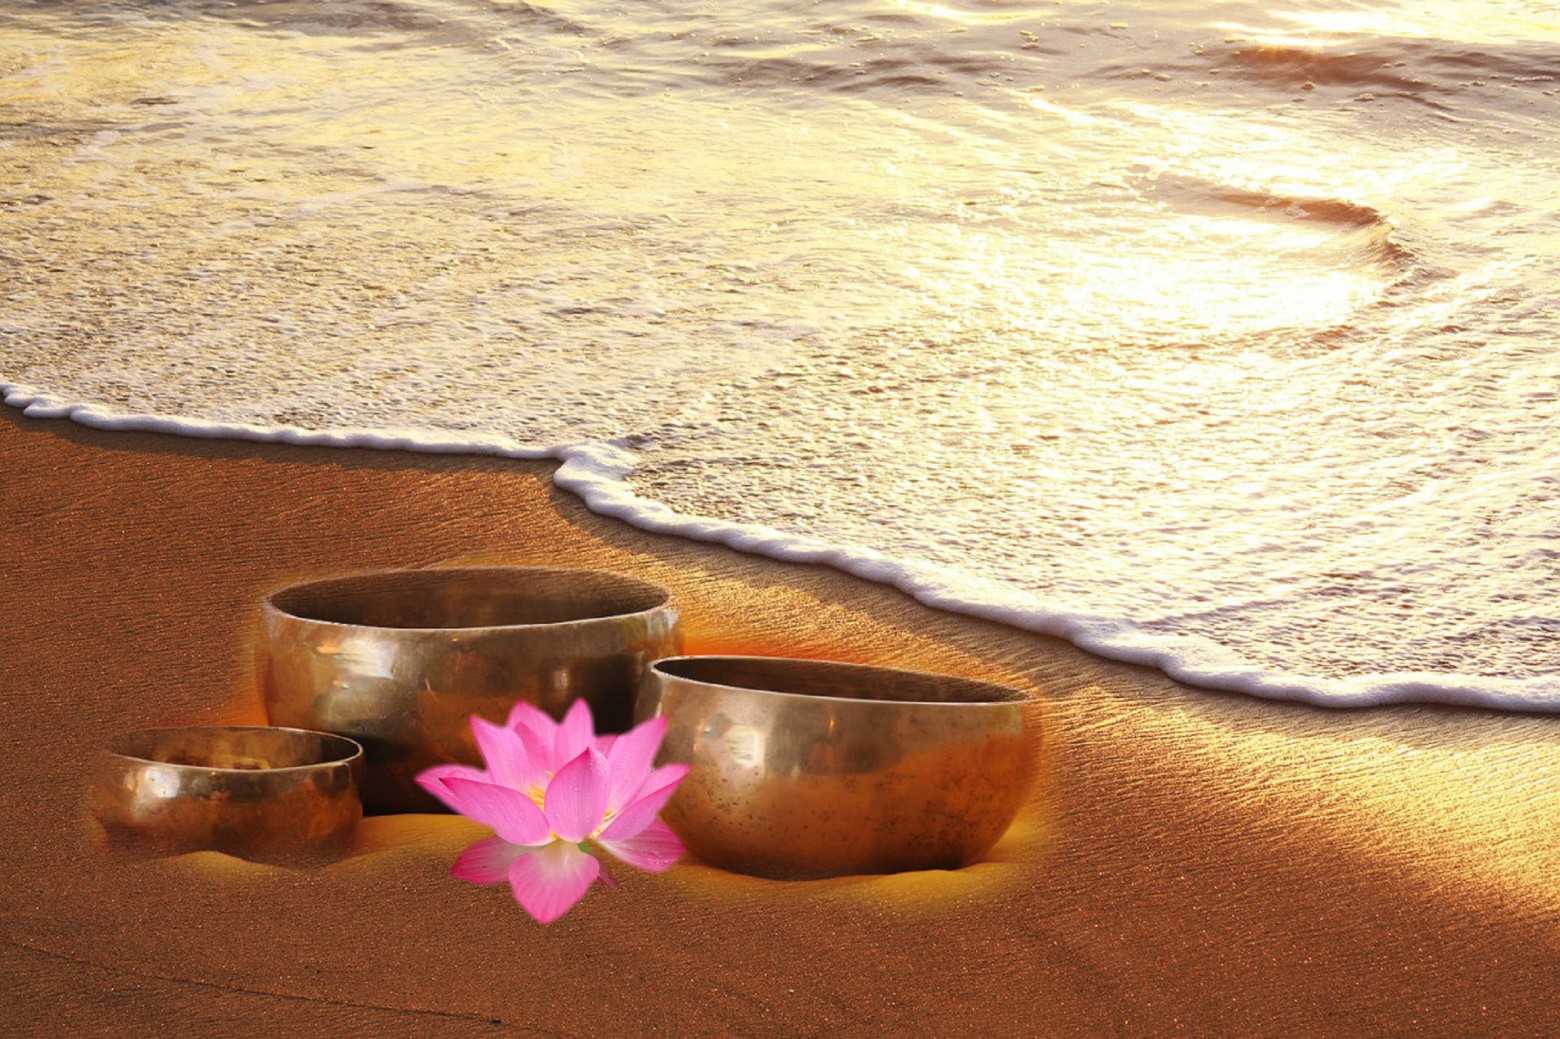 Fond d cran zen images gratuites et libres de droits for Photo ecran zen